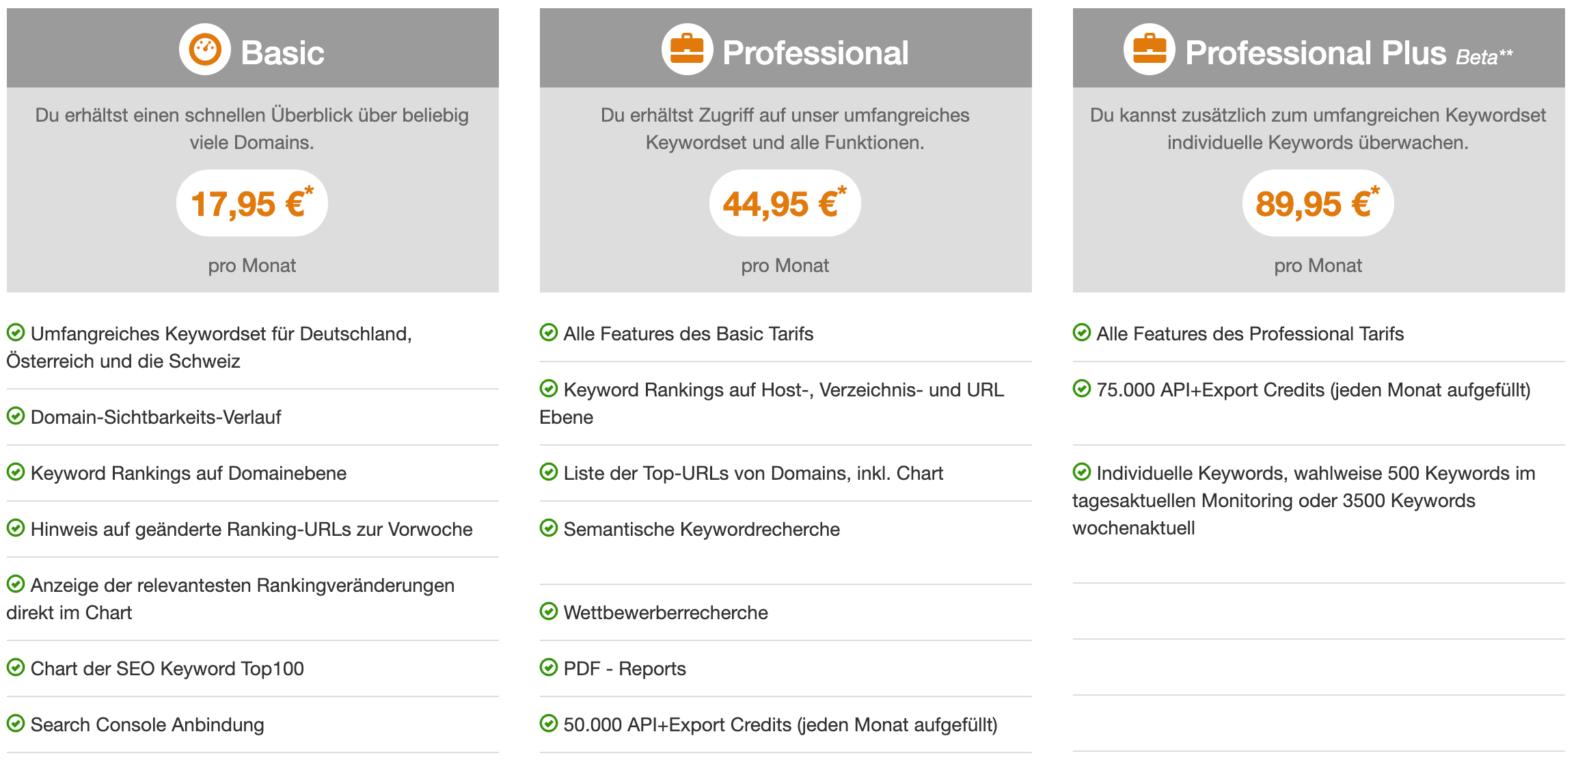 Preise und Features der drei Pakete der metrics.tools im Vergleich